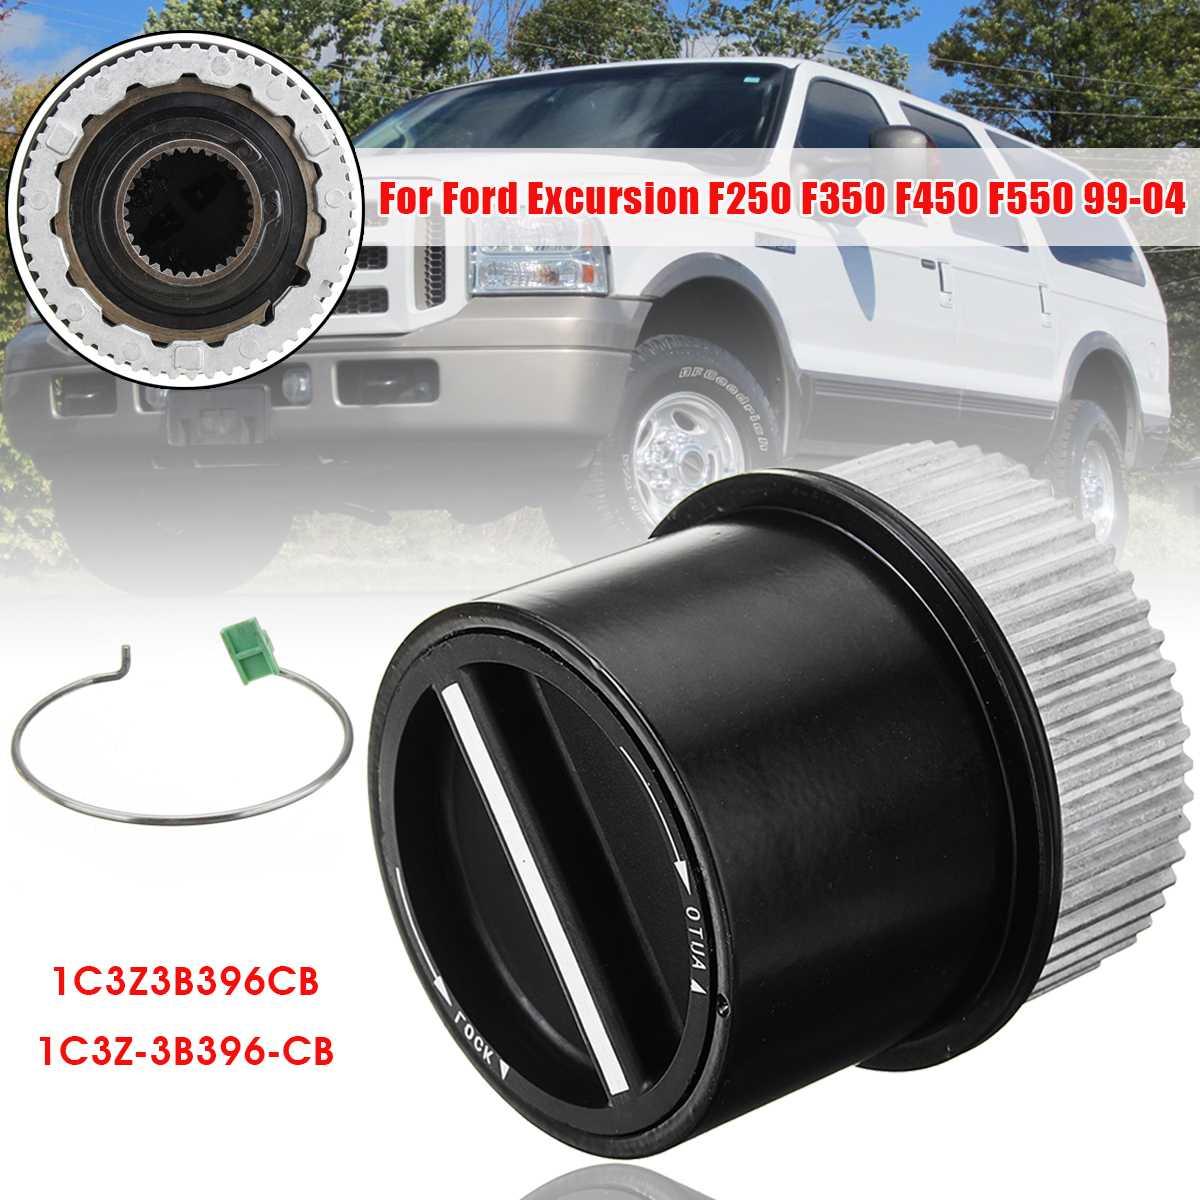 Moyeu de verrouillage automatique avant de voiture 1C3Z3B396CB pour Ford Excursion F250 F350 F450 Super camion